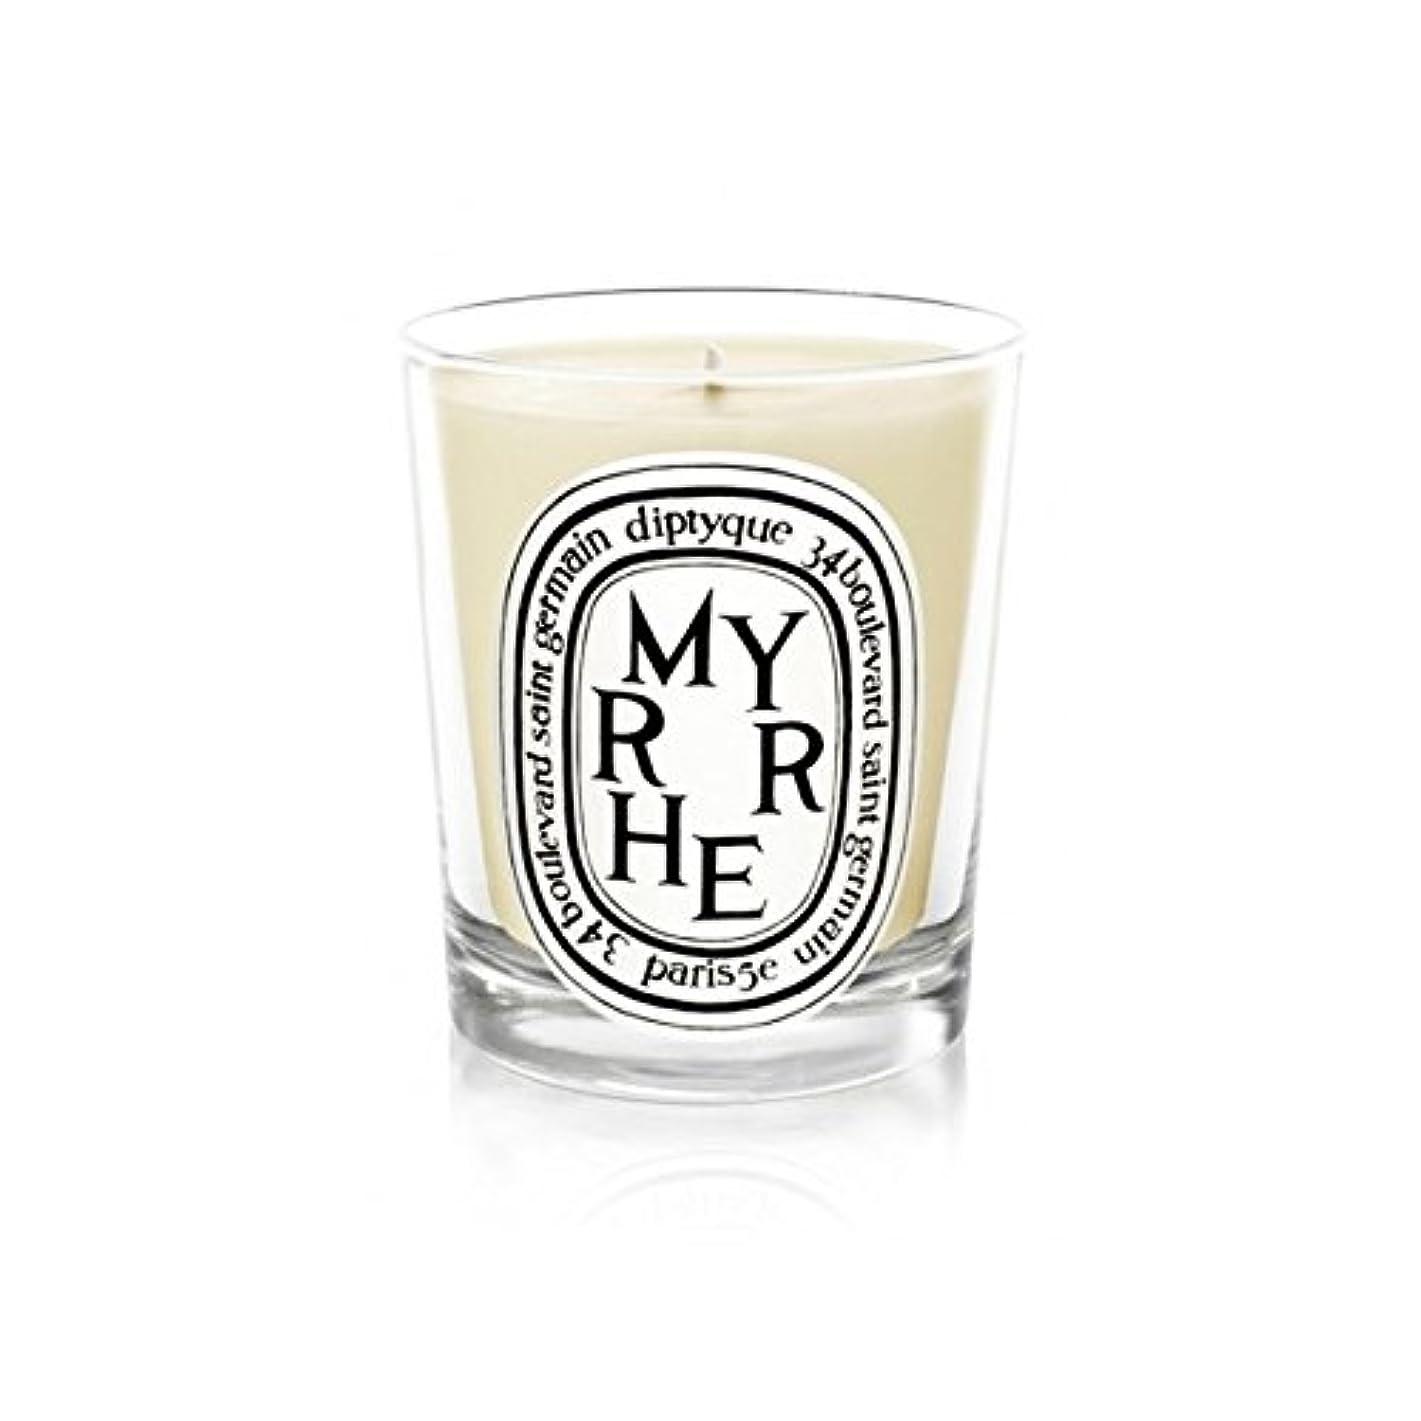 調整する通りそこDiptyque Candle Myrrhe / Myrrh 190g (Pack of 6) - DiptyqueキャンドルMyrrhe /ミルラの190グラム (x6) [並行輸入品]